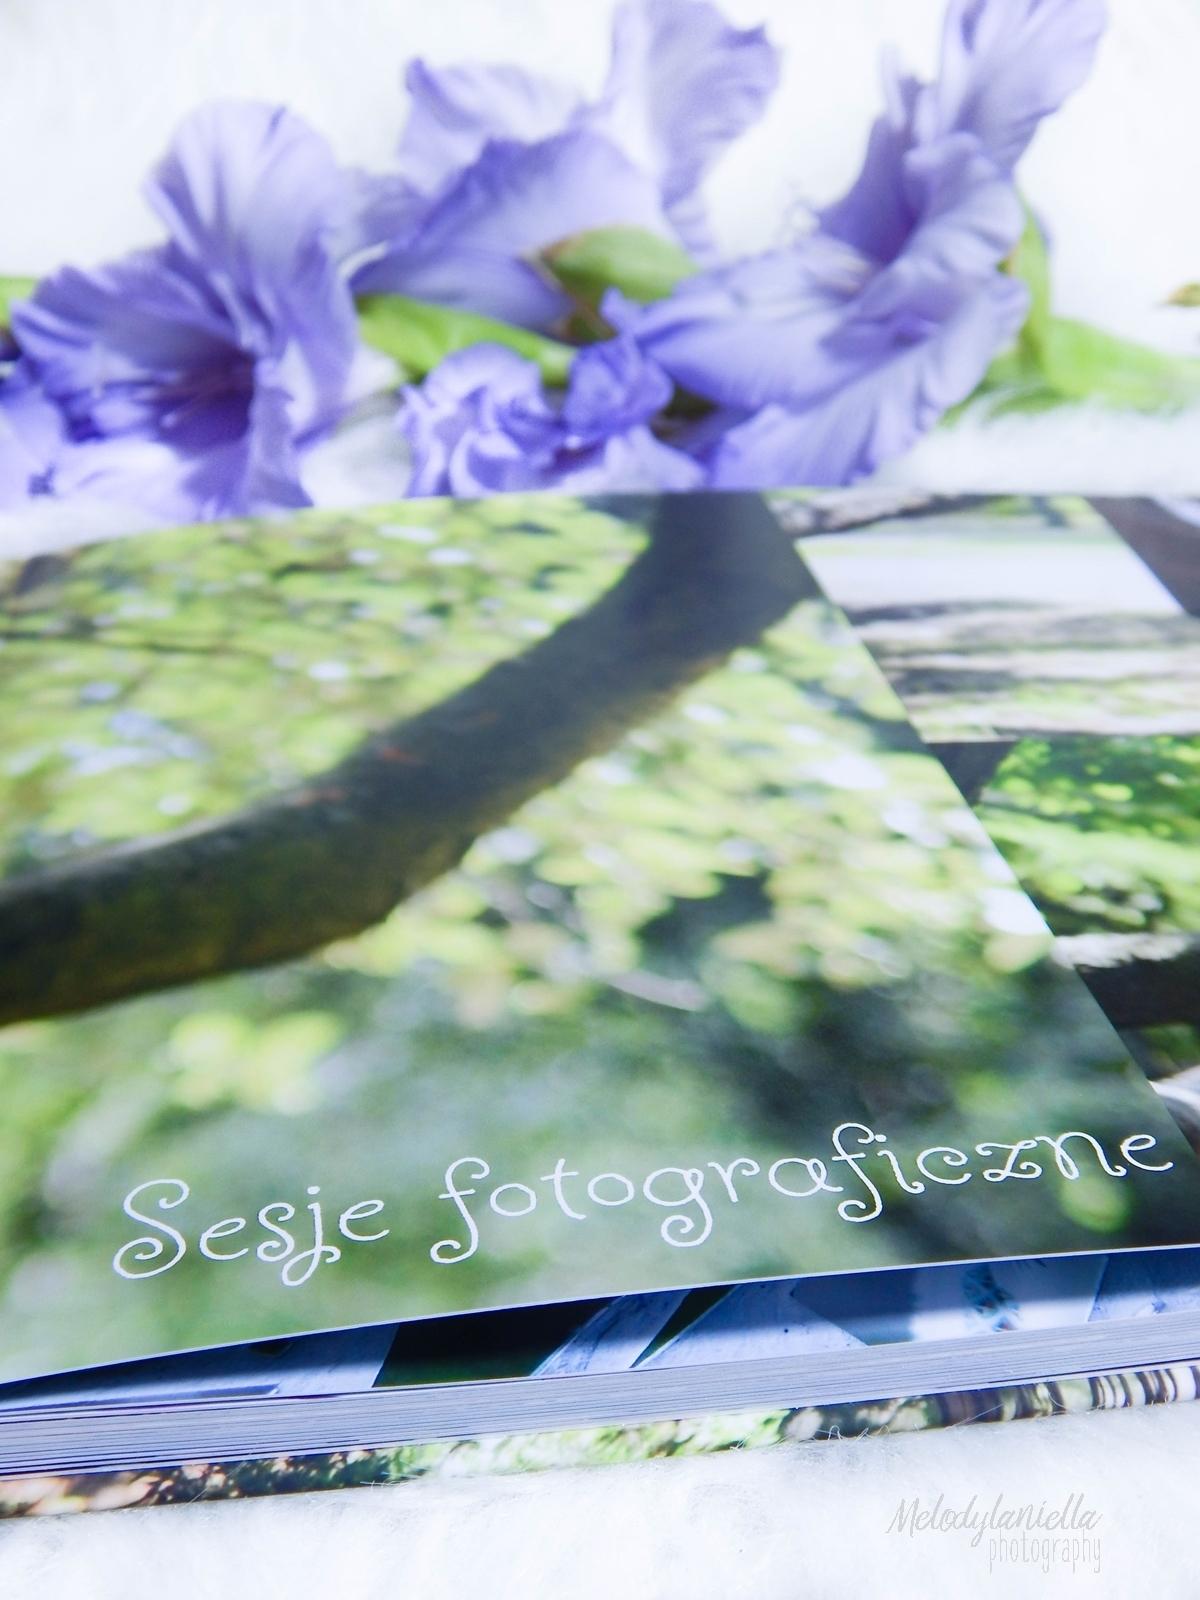 saal digital fotoksiązka recenzja melodylaniella blog pomysl na prezent fotografia fotograficzne prezenty .JPG kadry